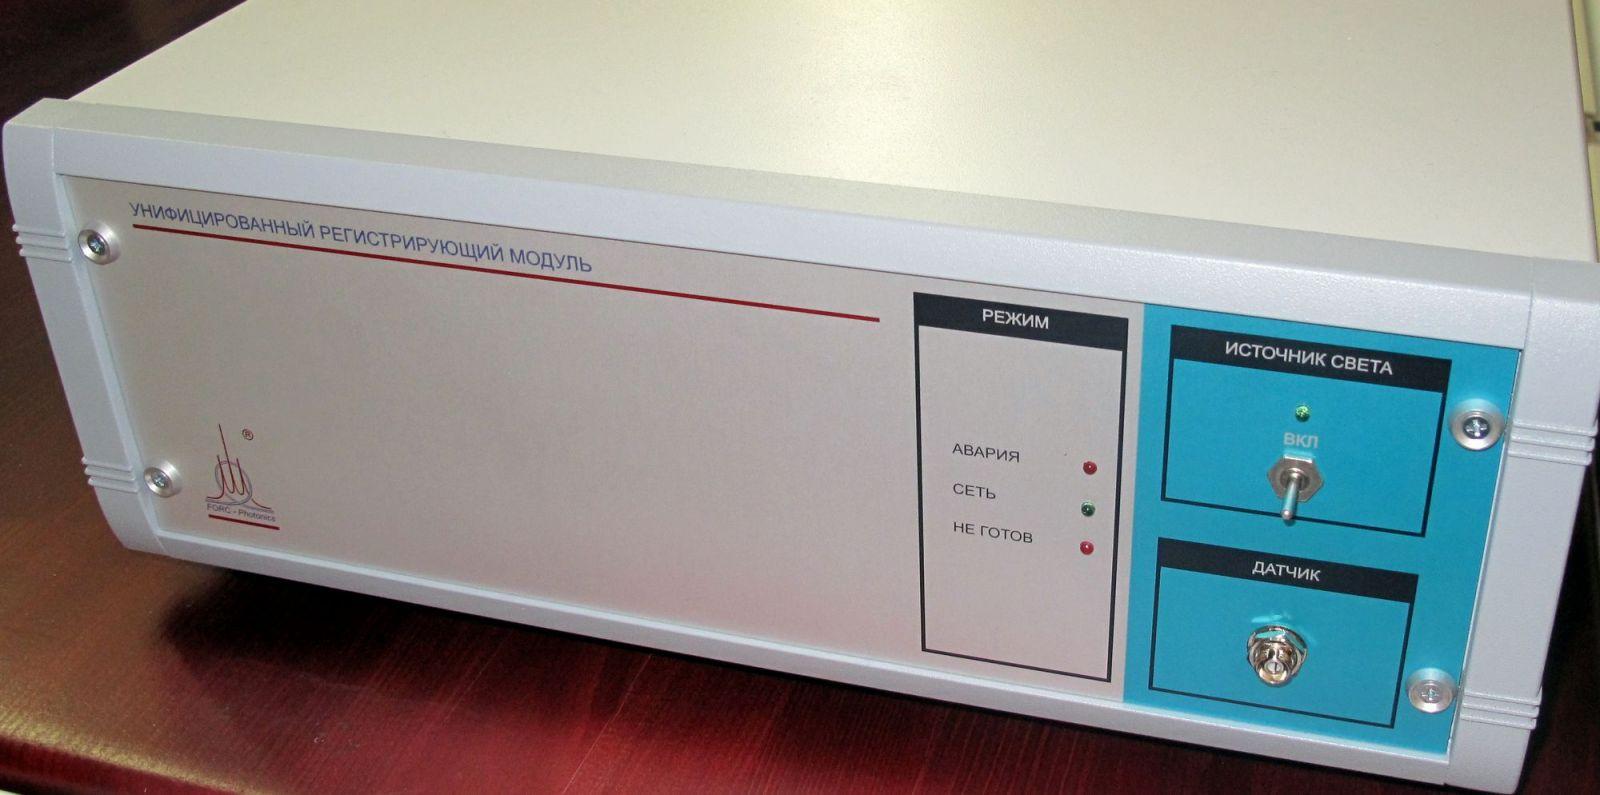 Унифицированный регистрирующий модуль (УРМ) FISU-441-1.55-40-Er-IP40